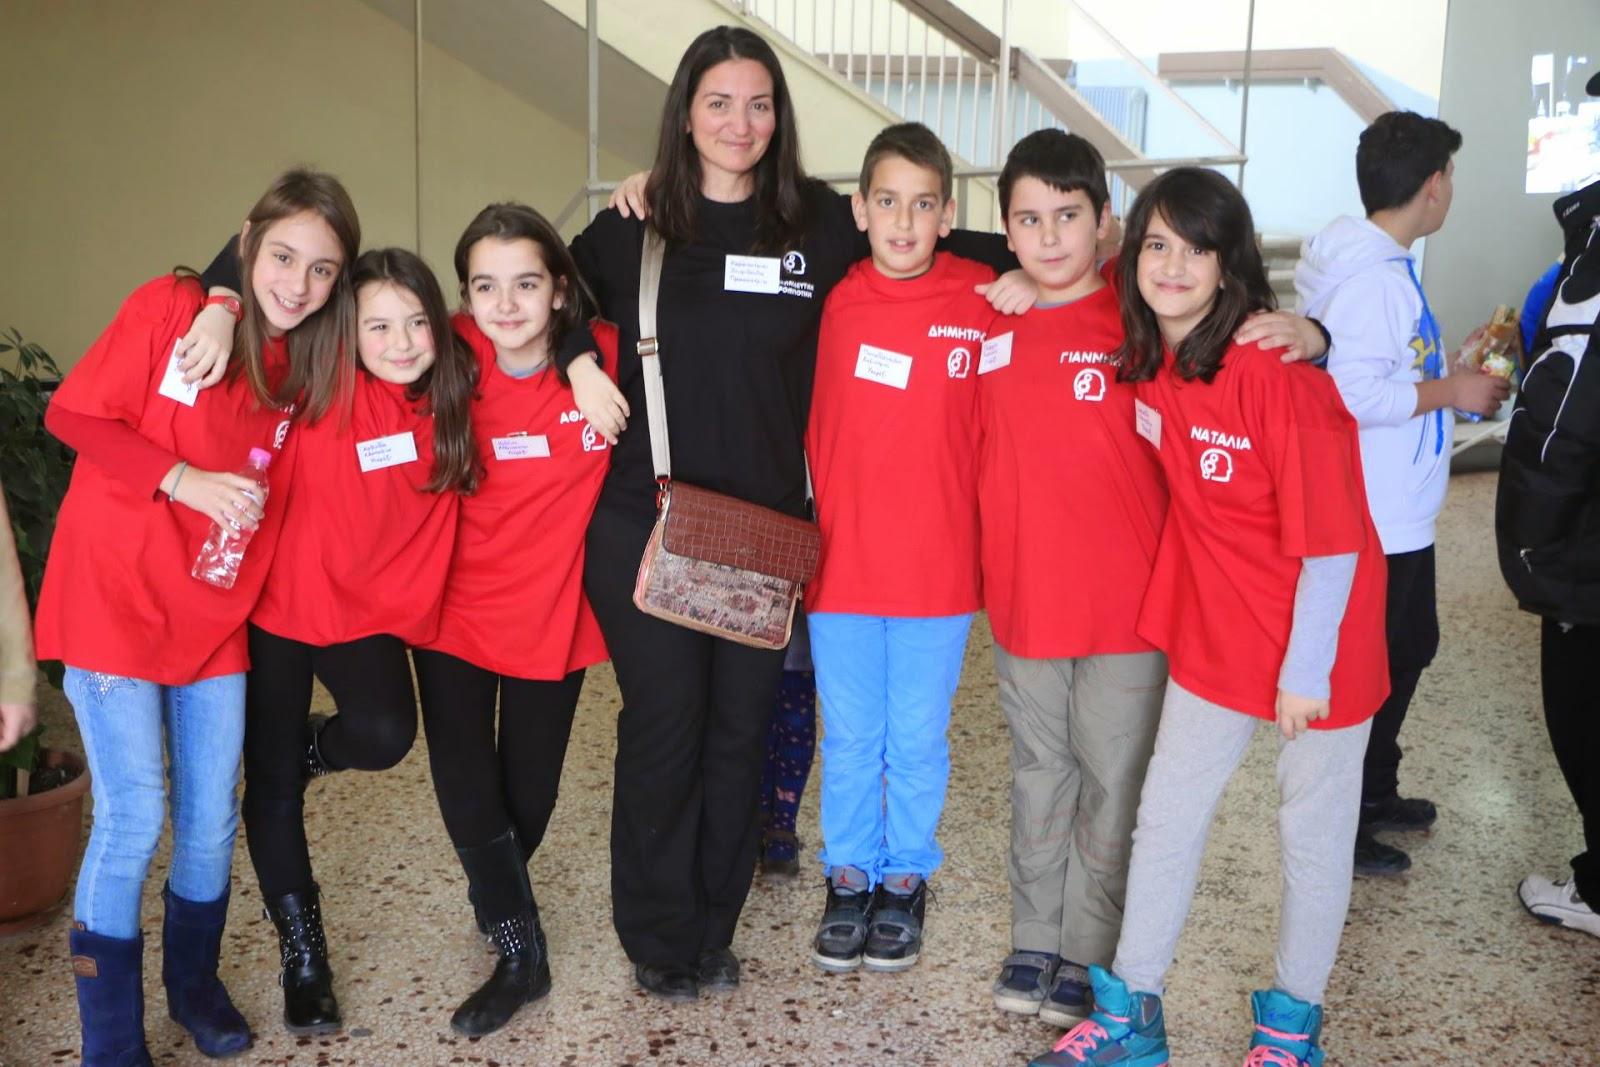 4ο 12/Θ Ολοήμερο Δημοτικό Σχολείο Γρεβενών: Συμμετοχή στον Πανελλήνιο Διαγωνισμό Εκπαιδευτικής Ρομποτικής